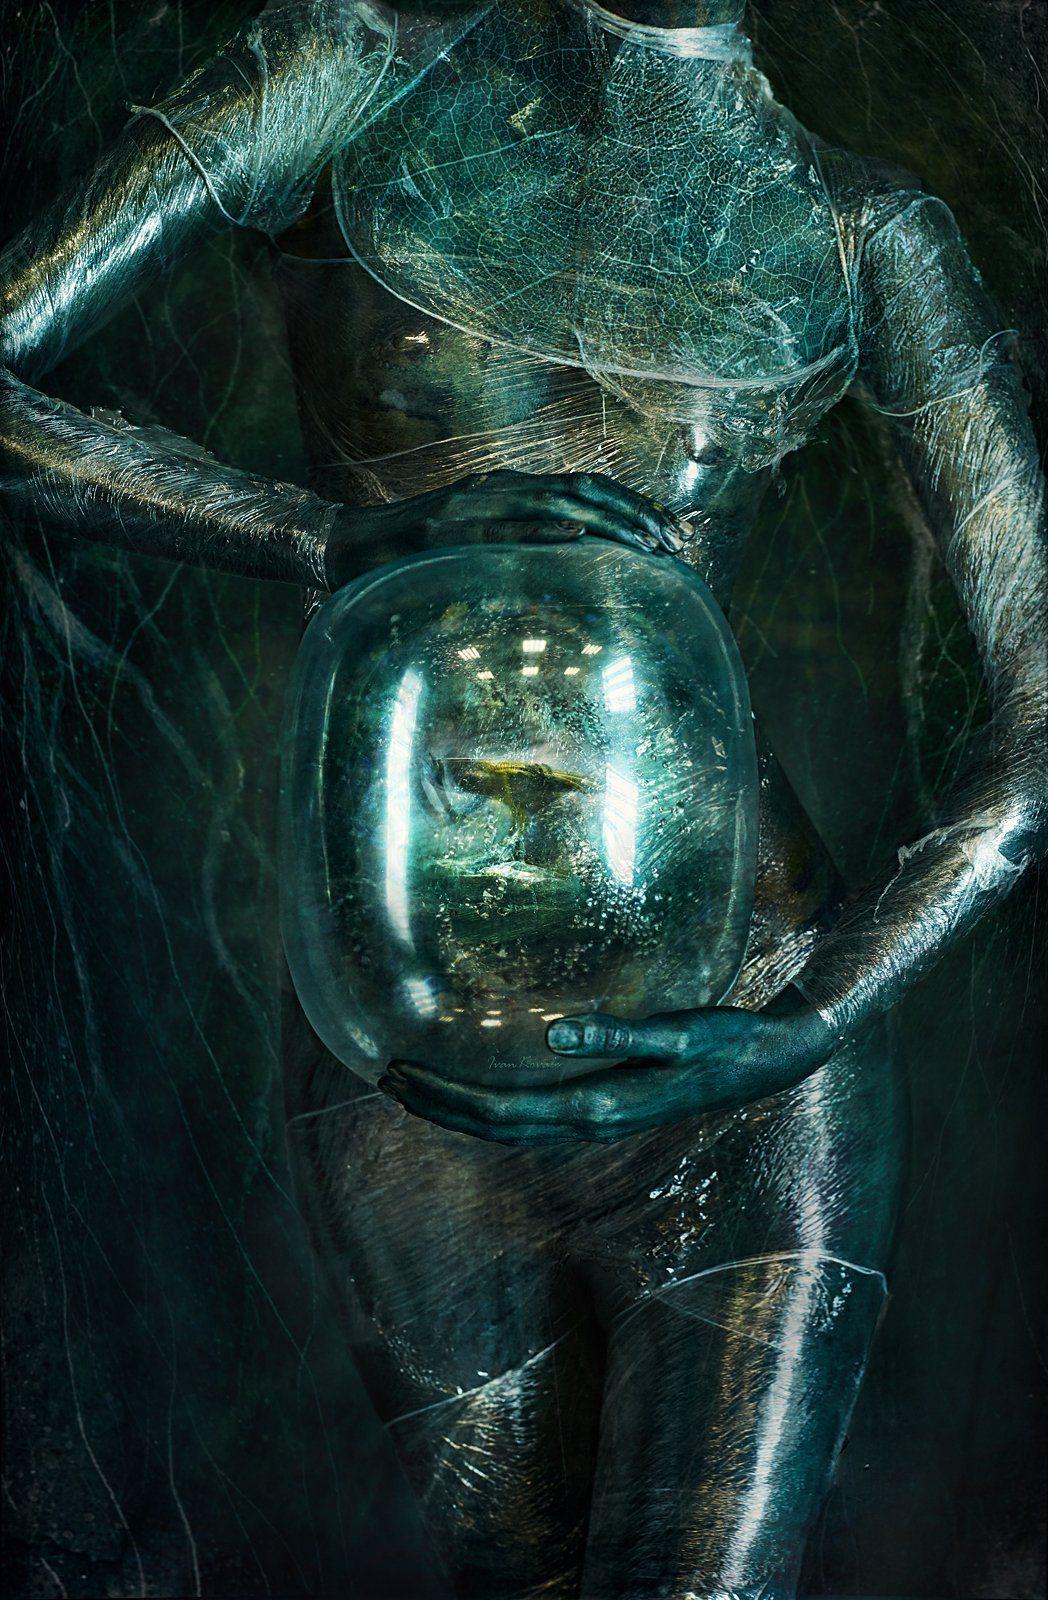 портрет, планета, жизнь, обитатель, встреча, цвет, шар, эмбрион, рождение, вода, планета, переселение, встреча, невероятность, нептун, кеплер, Ковалёв Иван